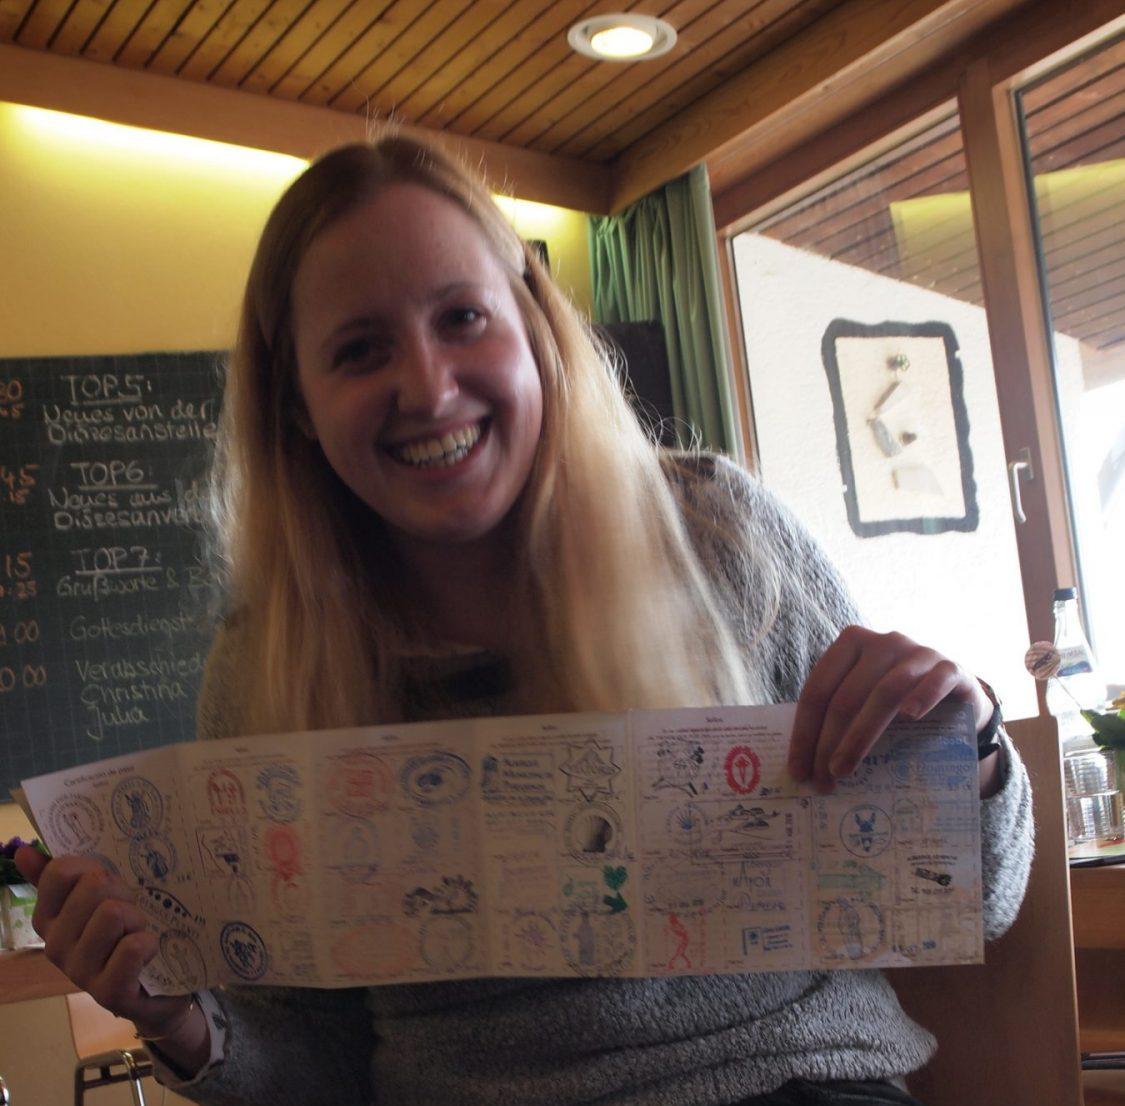 Verena präsentiert stolz ihren Pilgerausweis